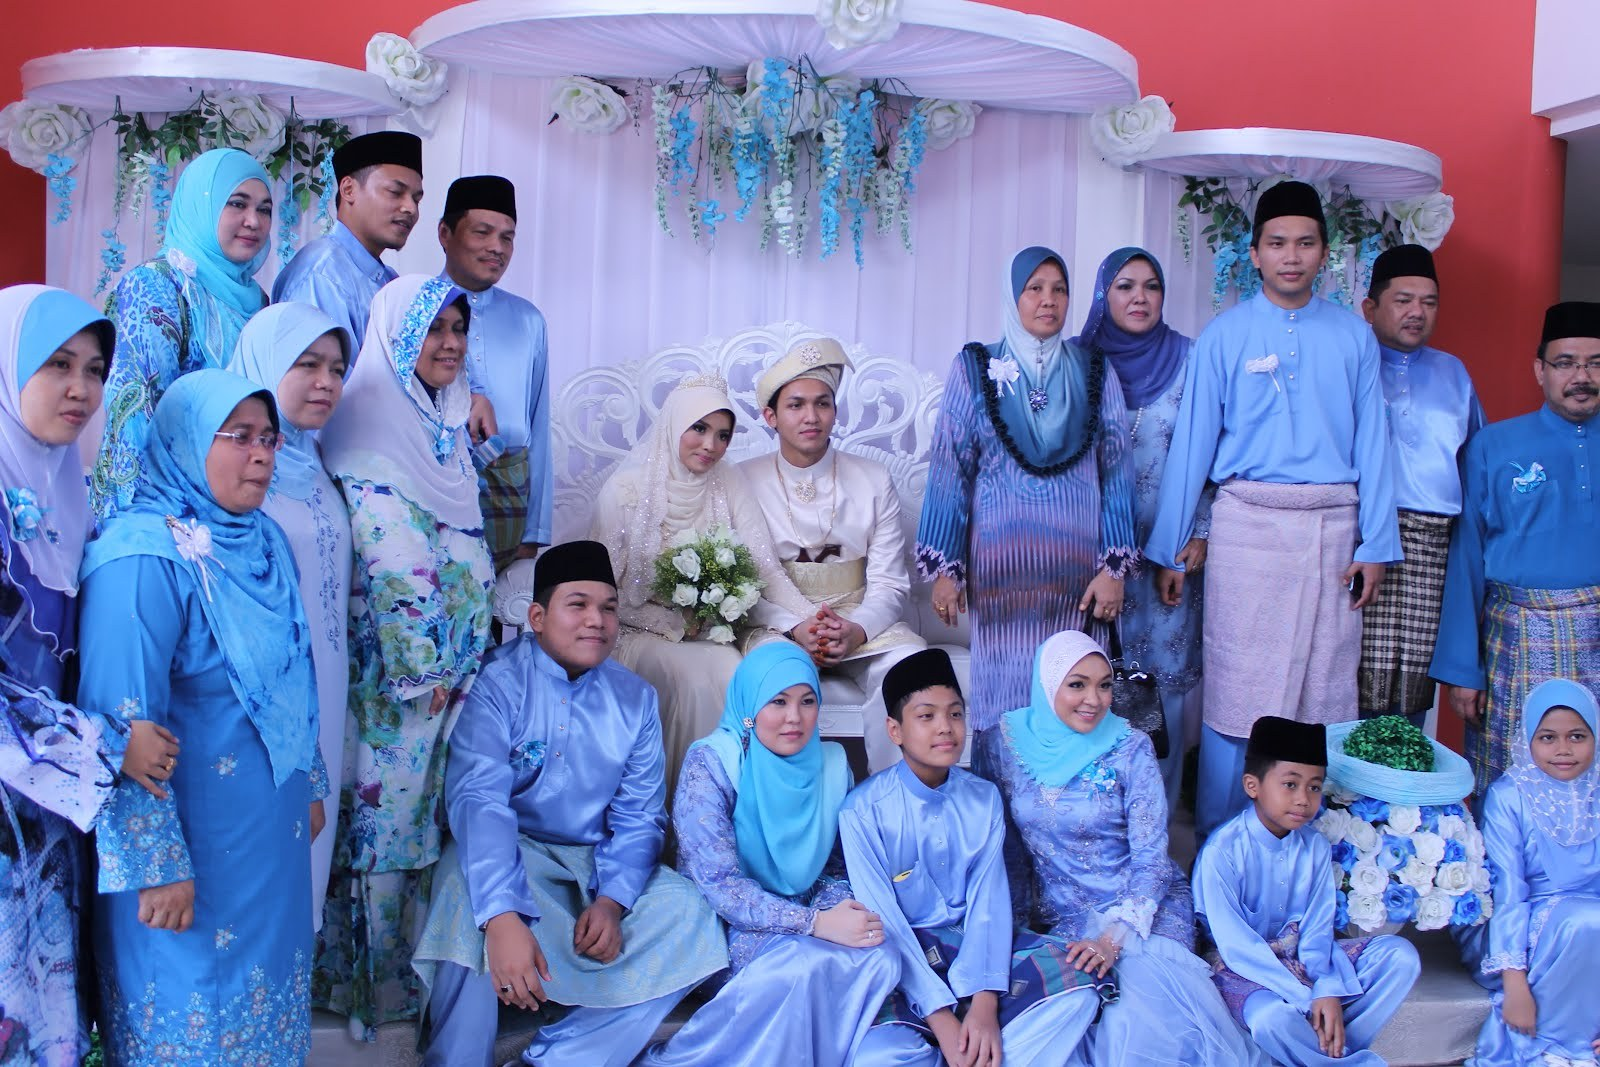 Ide Baju Lebaran 2018 Keluarga O2d5 25 Model Baju Lebaran Keluarga Warna Biru Terbaru 2018